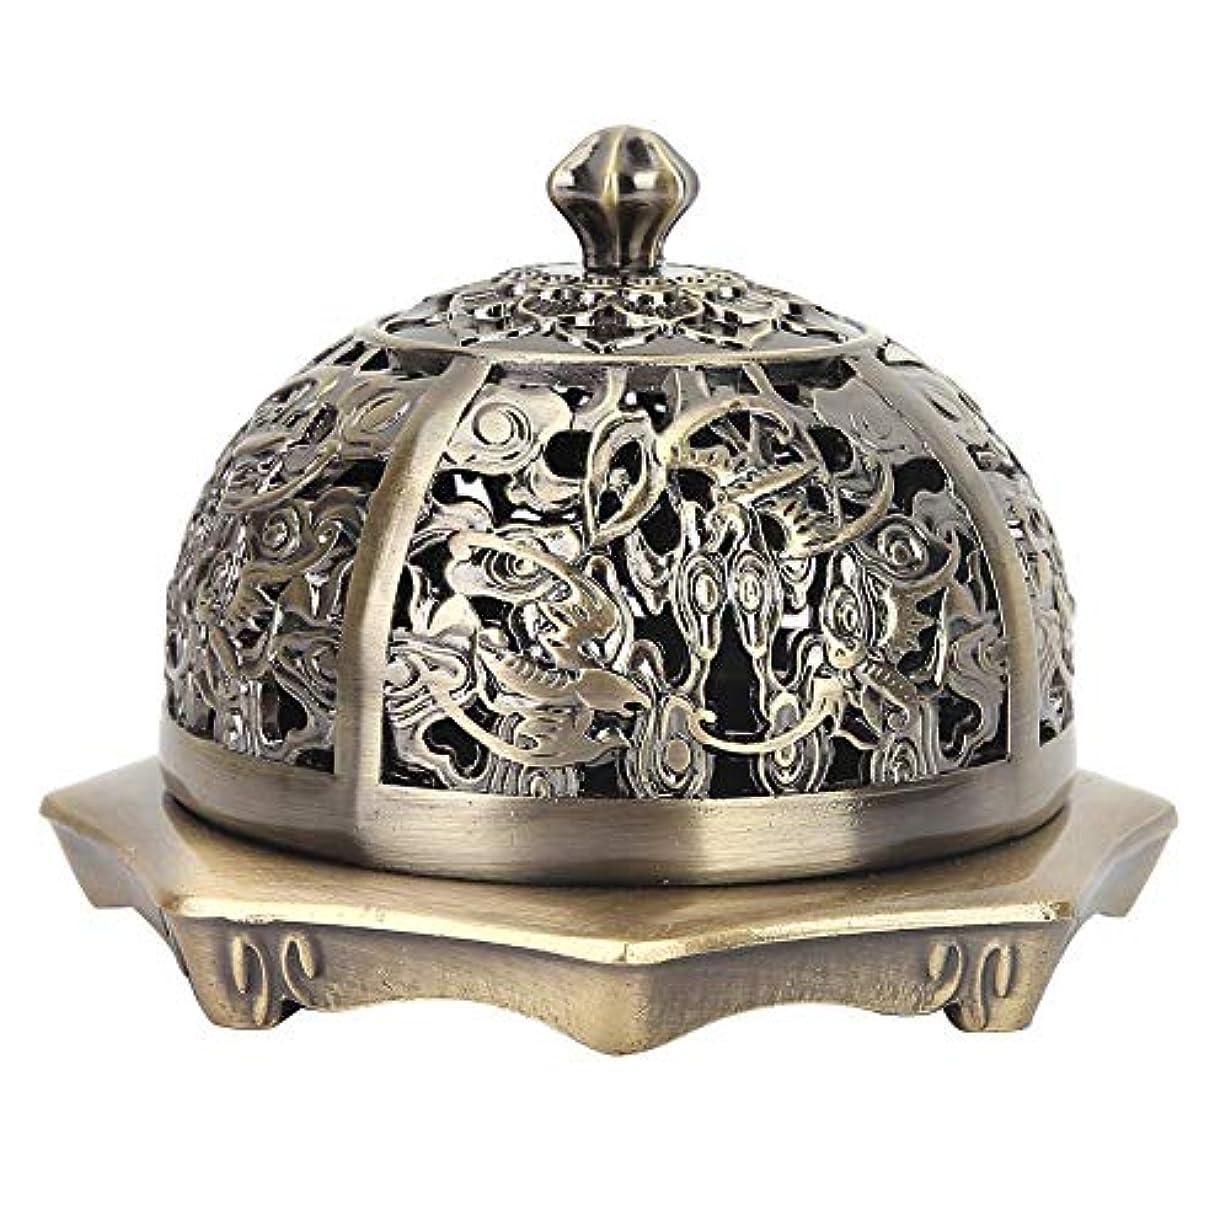 申請者成人期なに香炉 アロマ香炉 丸香炉 アロマバーナー アロマ炉 お香バーナー蓋付き お香ホルダー お香 心を落ち着かせてくれる